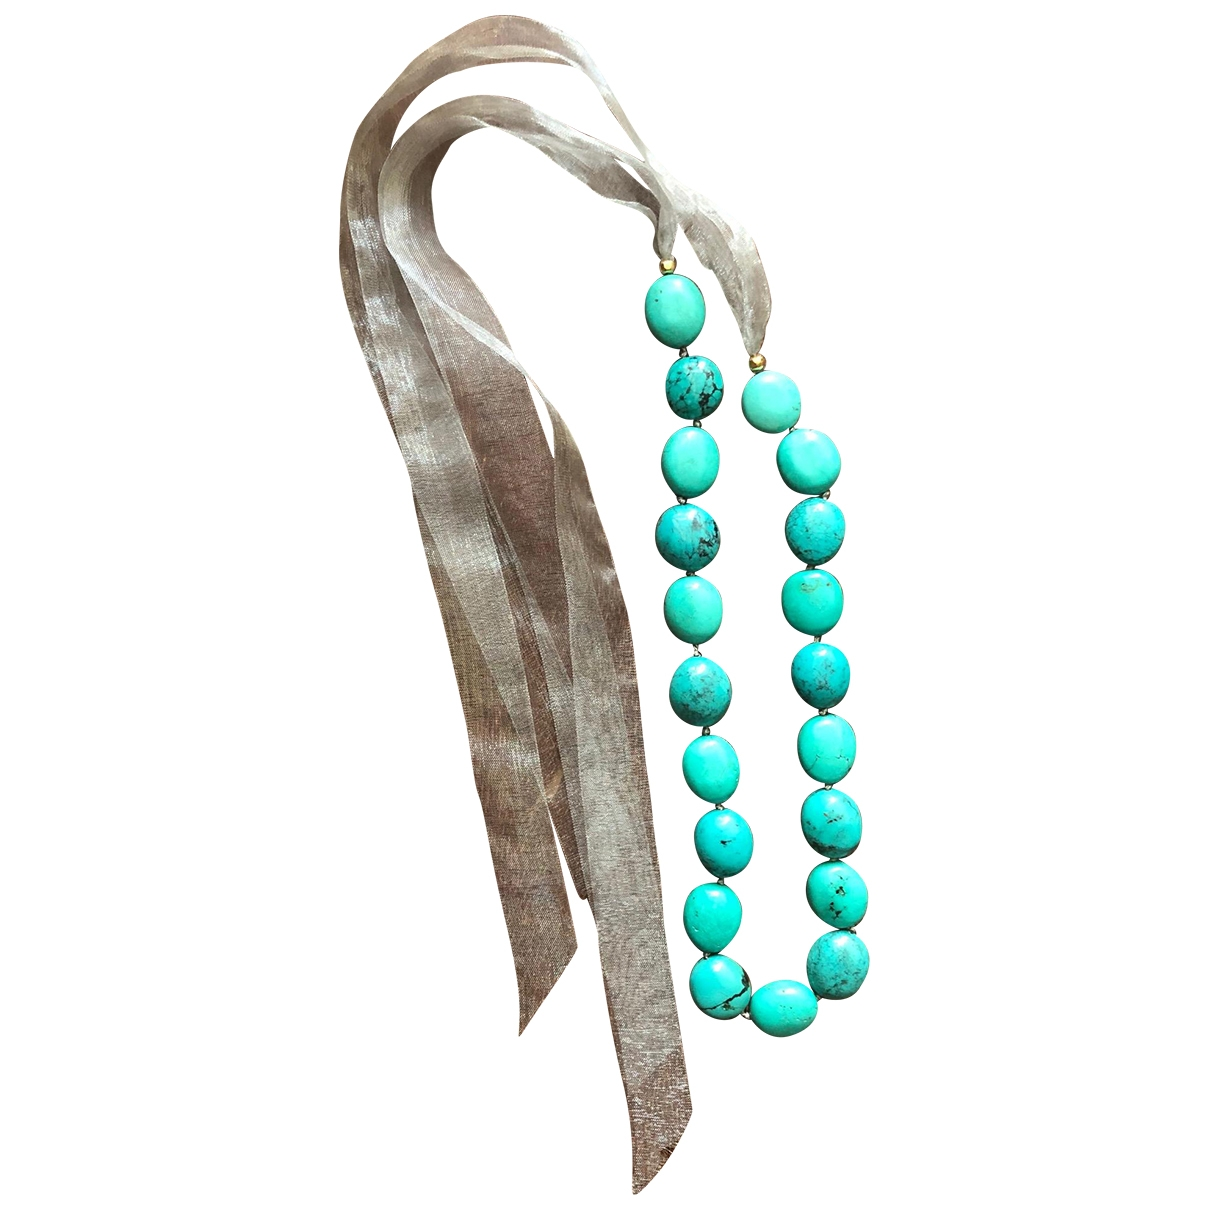 Collar Turquoises de Perlas Non Signe / Unsigned